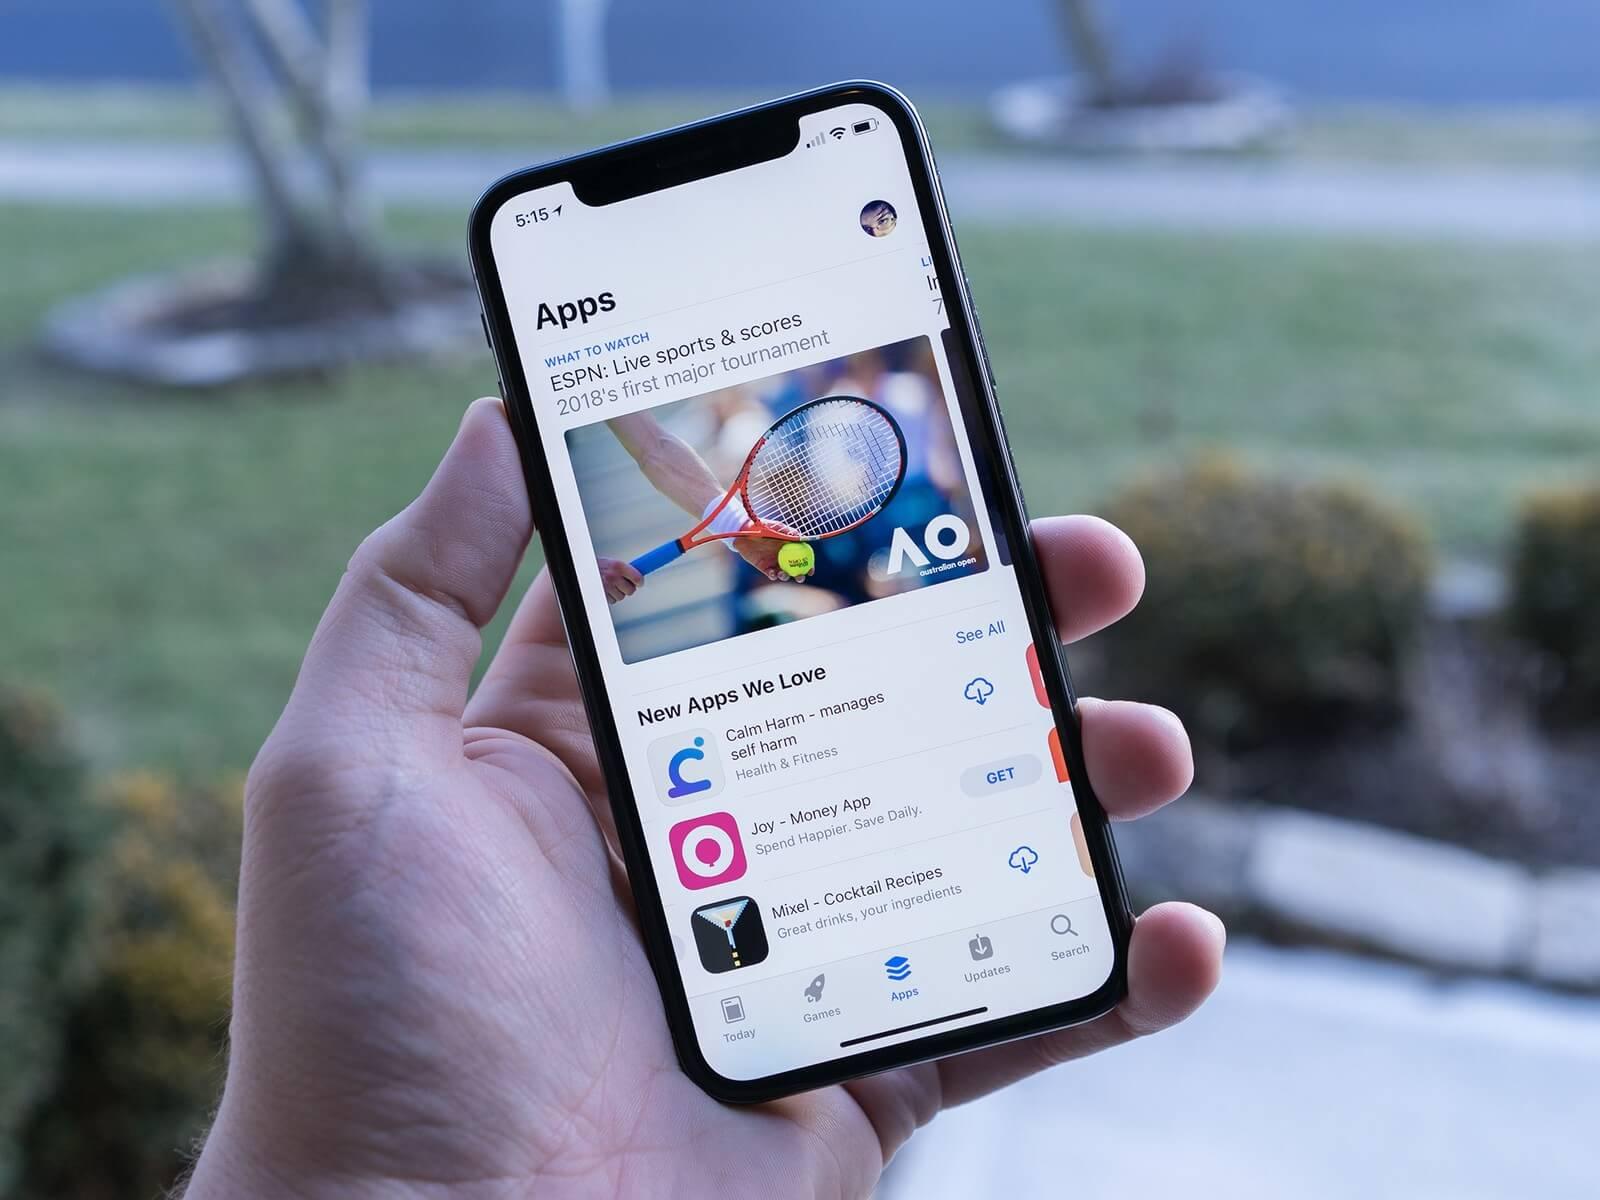 определяем неиспользуемые приложения вашем iphone